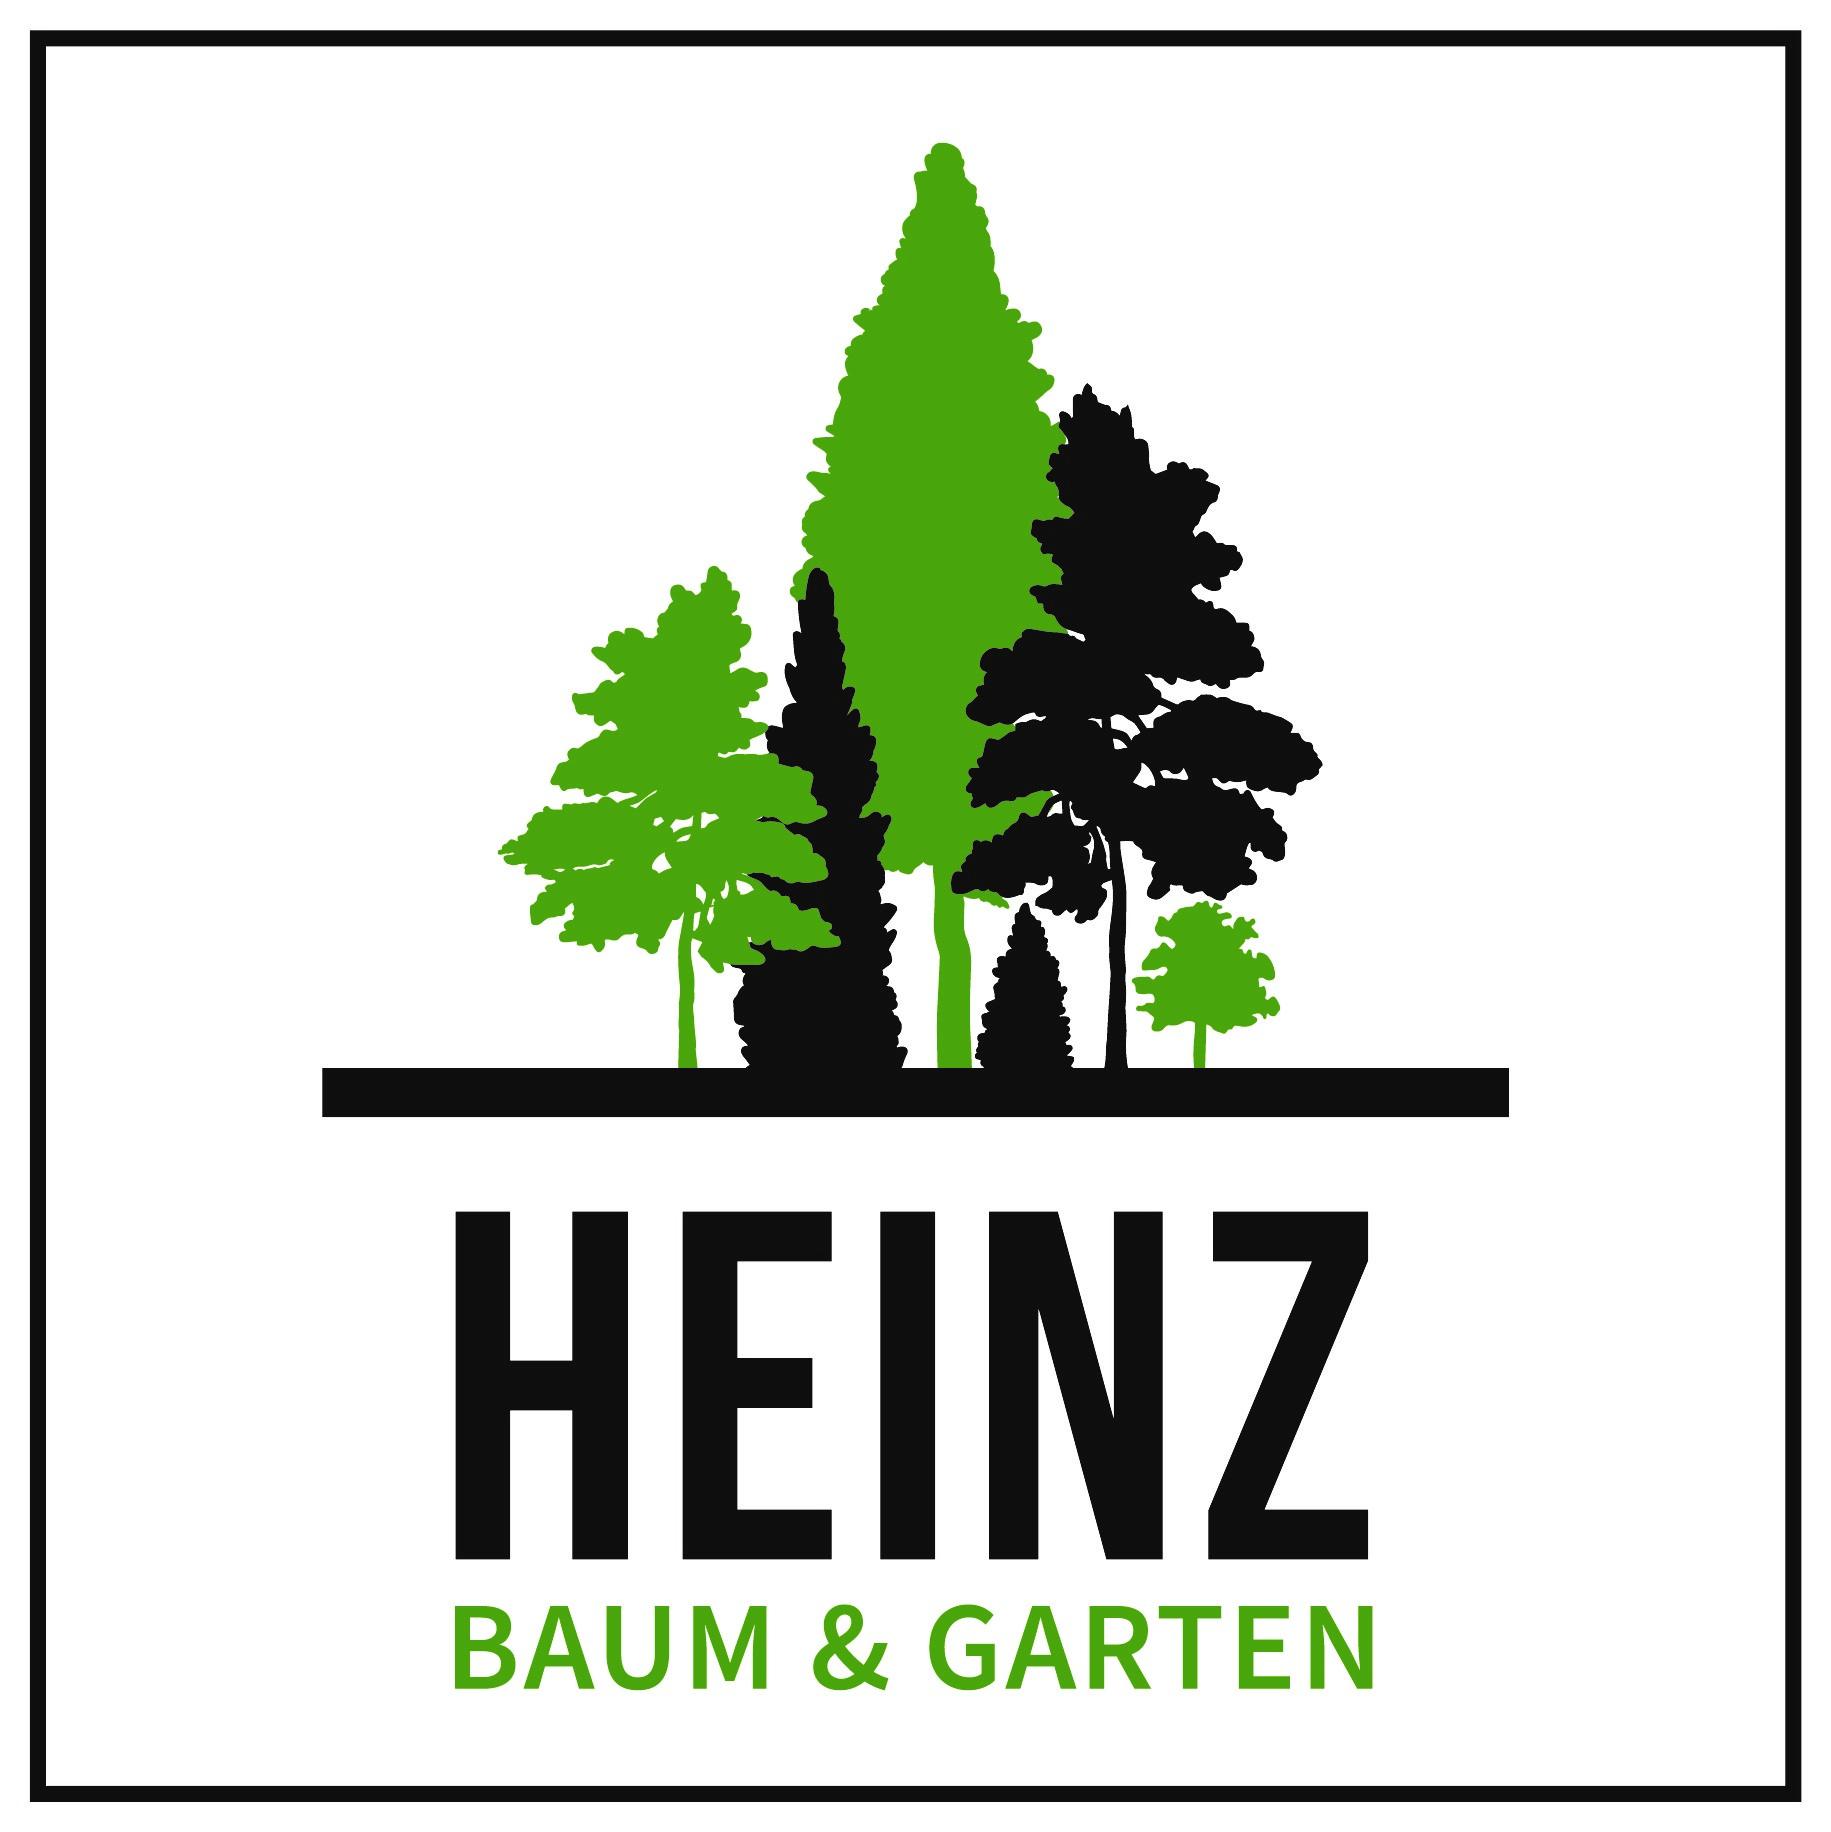 Heinz BAUM & GARTEN